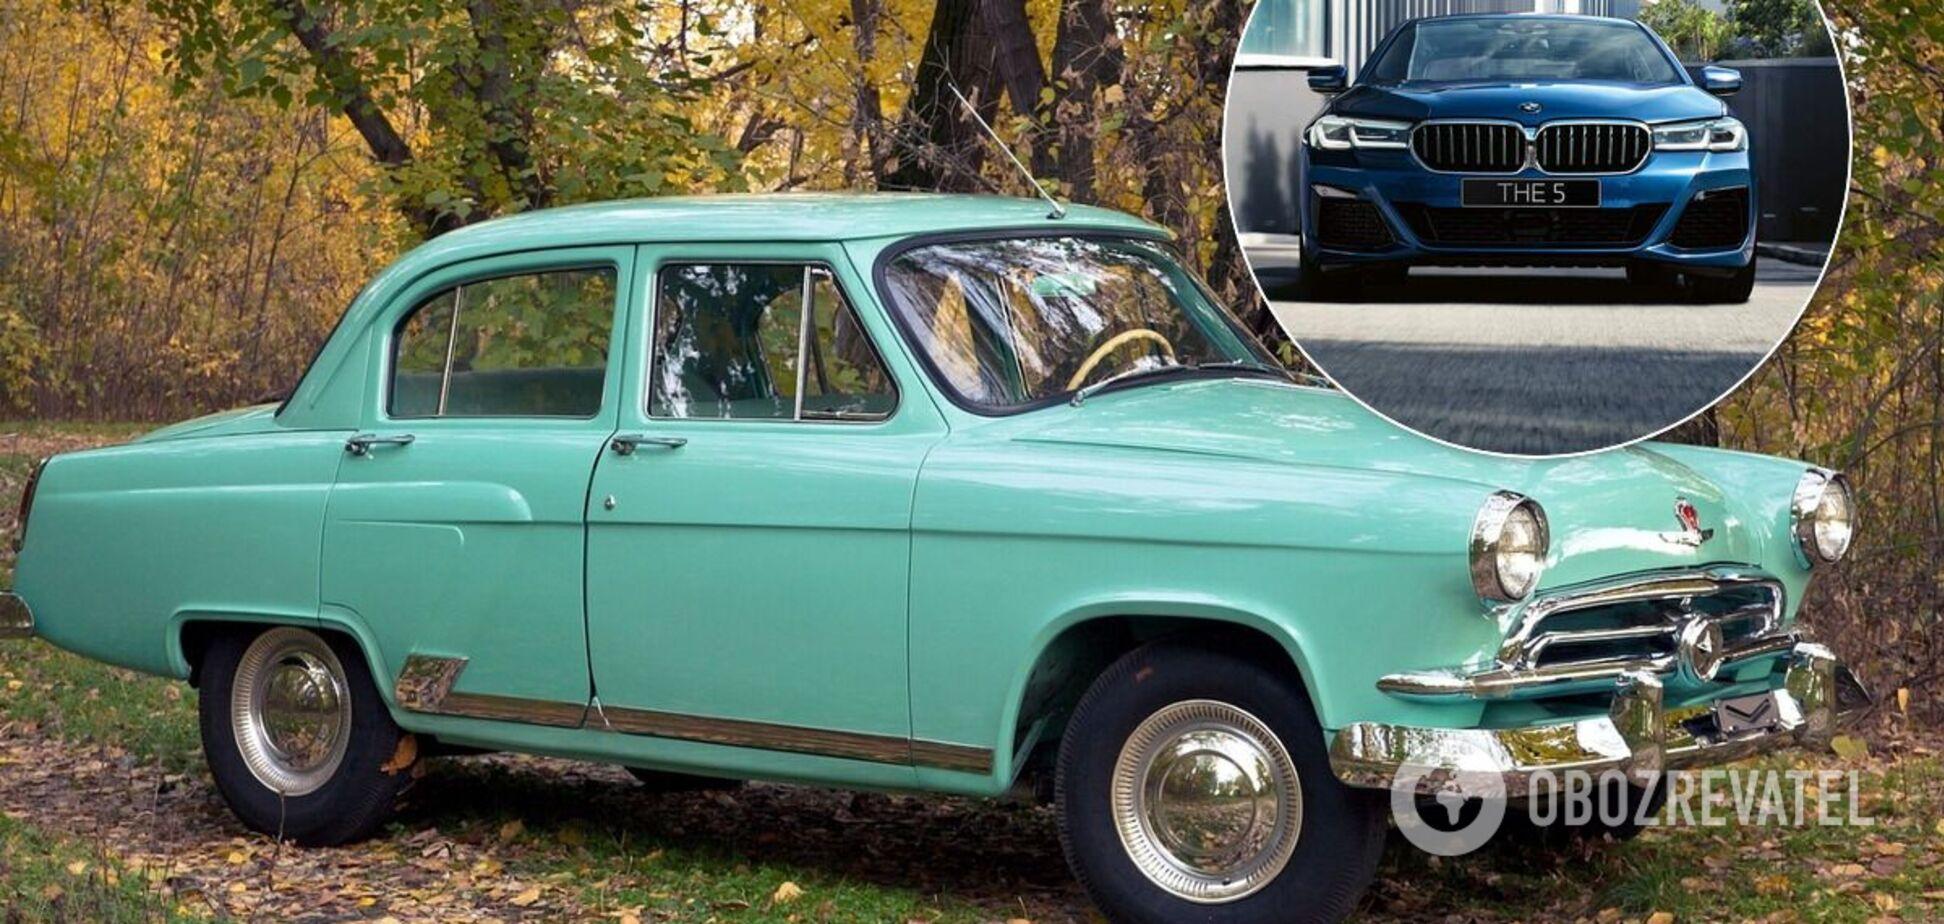 Рідкісну ГАЗ-21 'Волга' продають в Україні за ціною нової BMW 5-Series